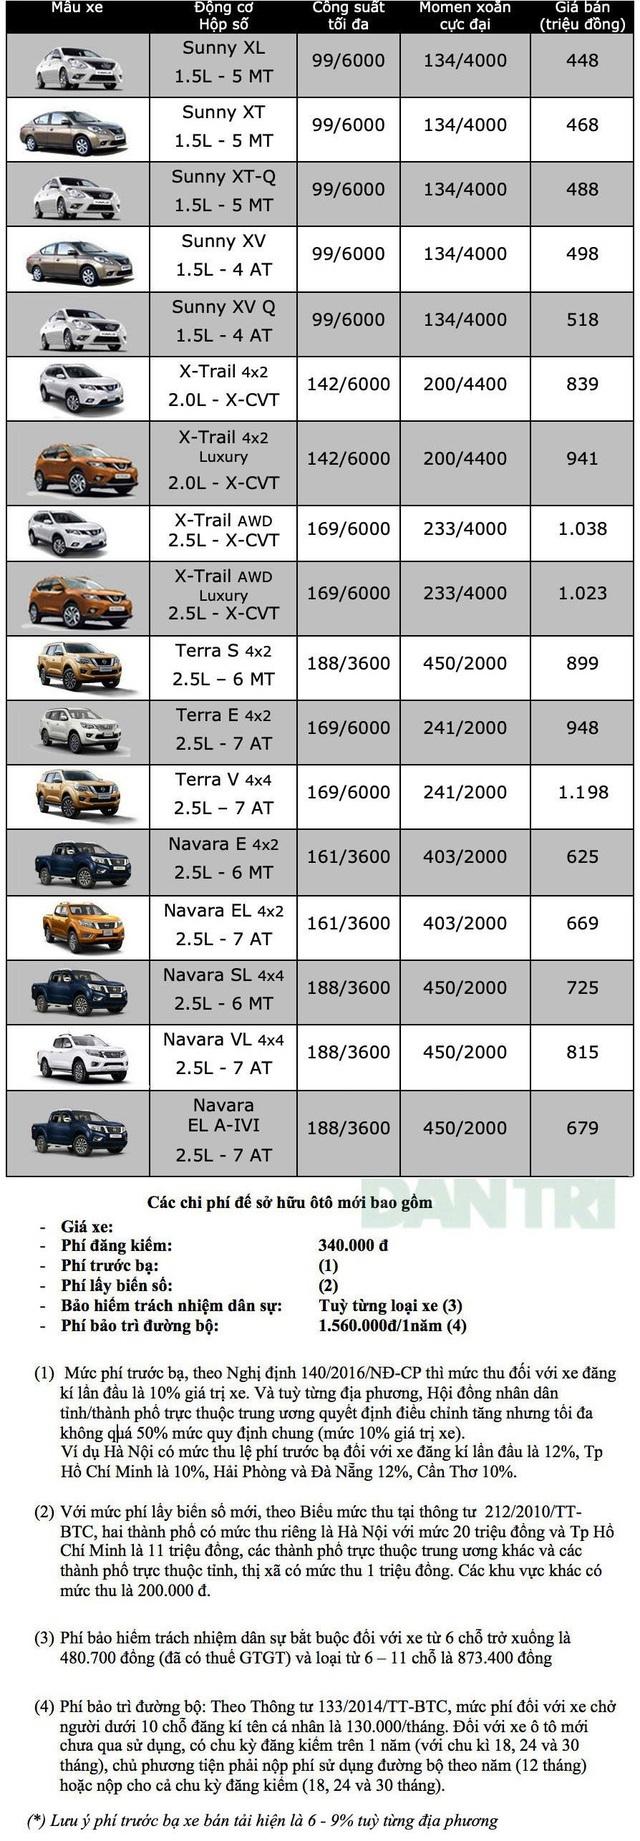 Bảng giá Nissan cập nhật tháng 10/2019 - 1